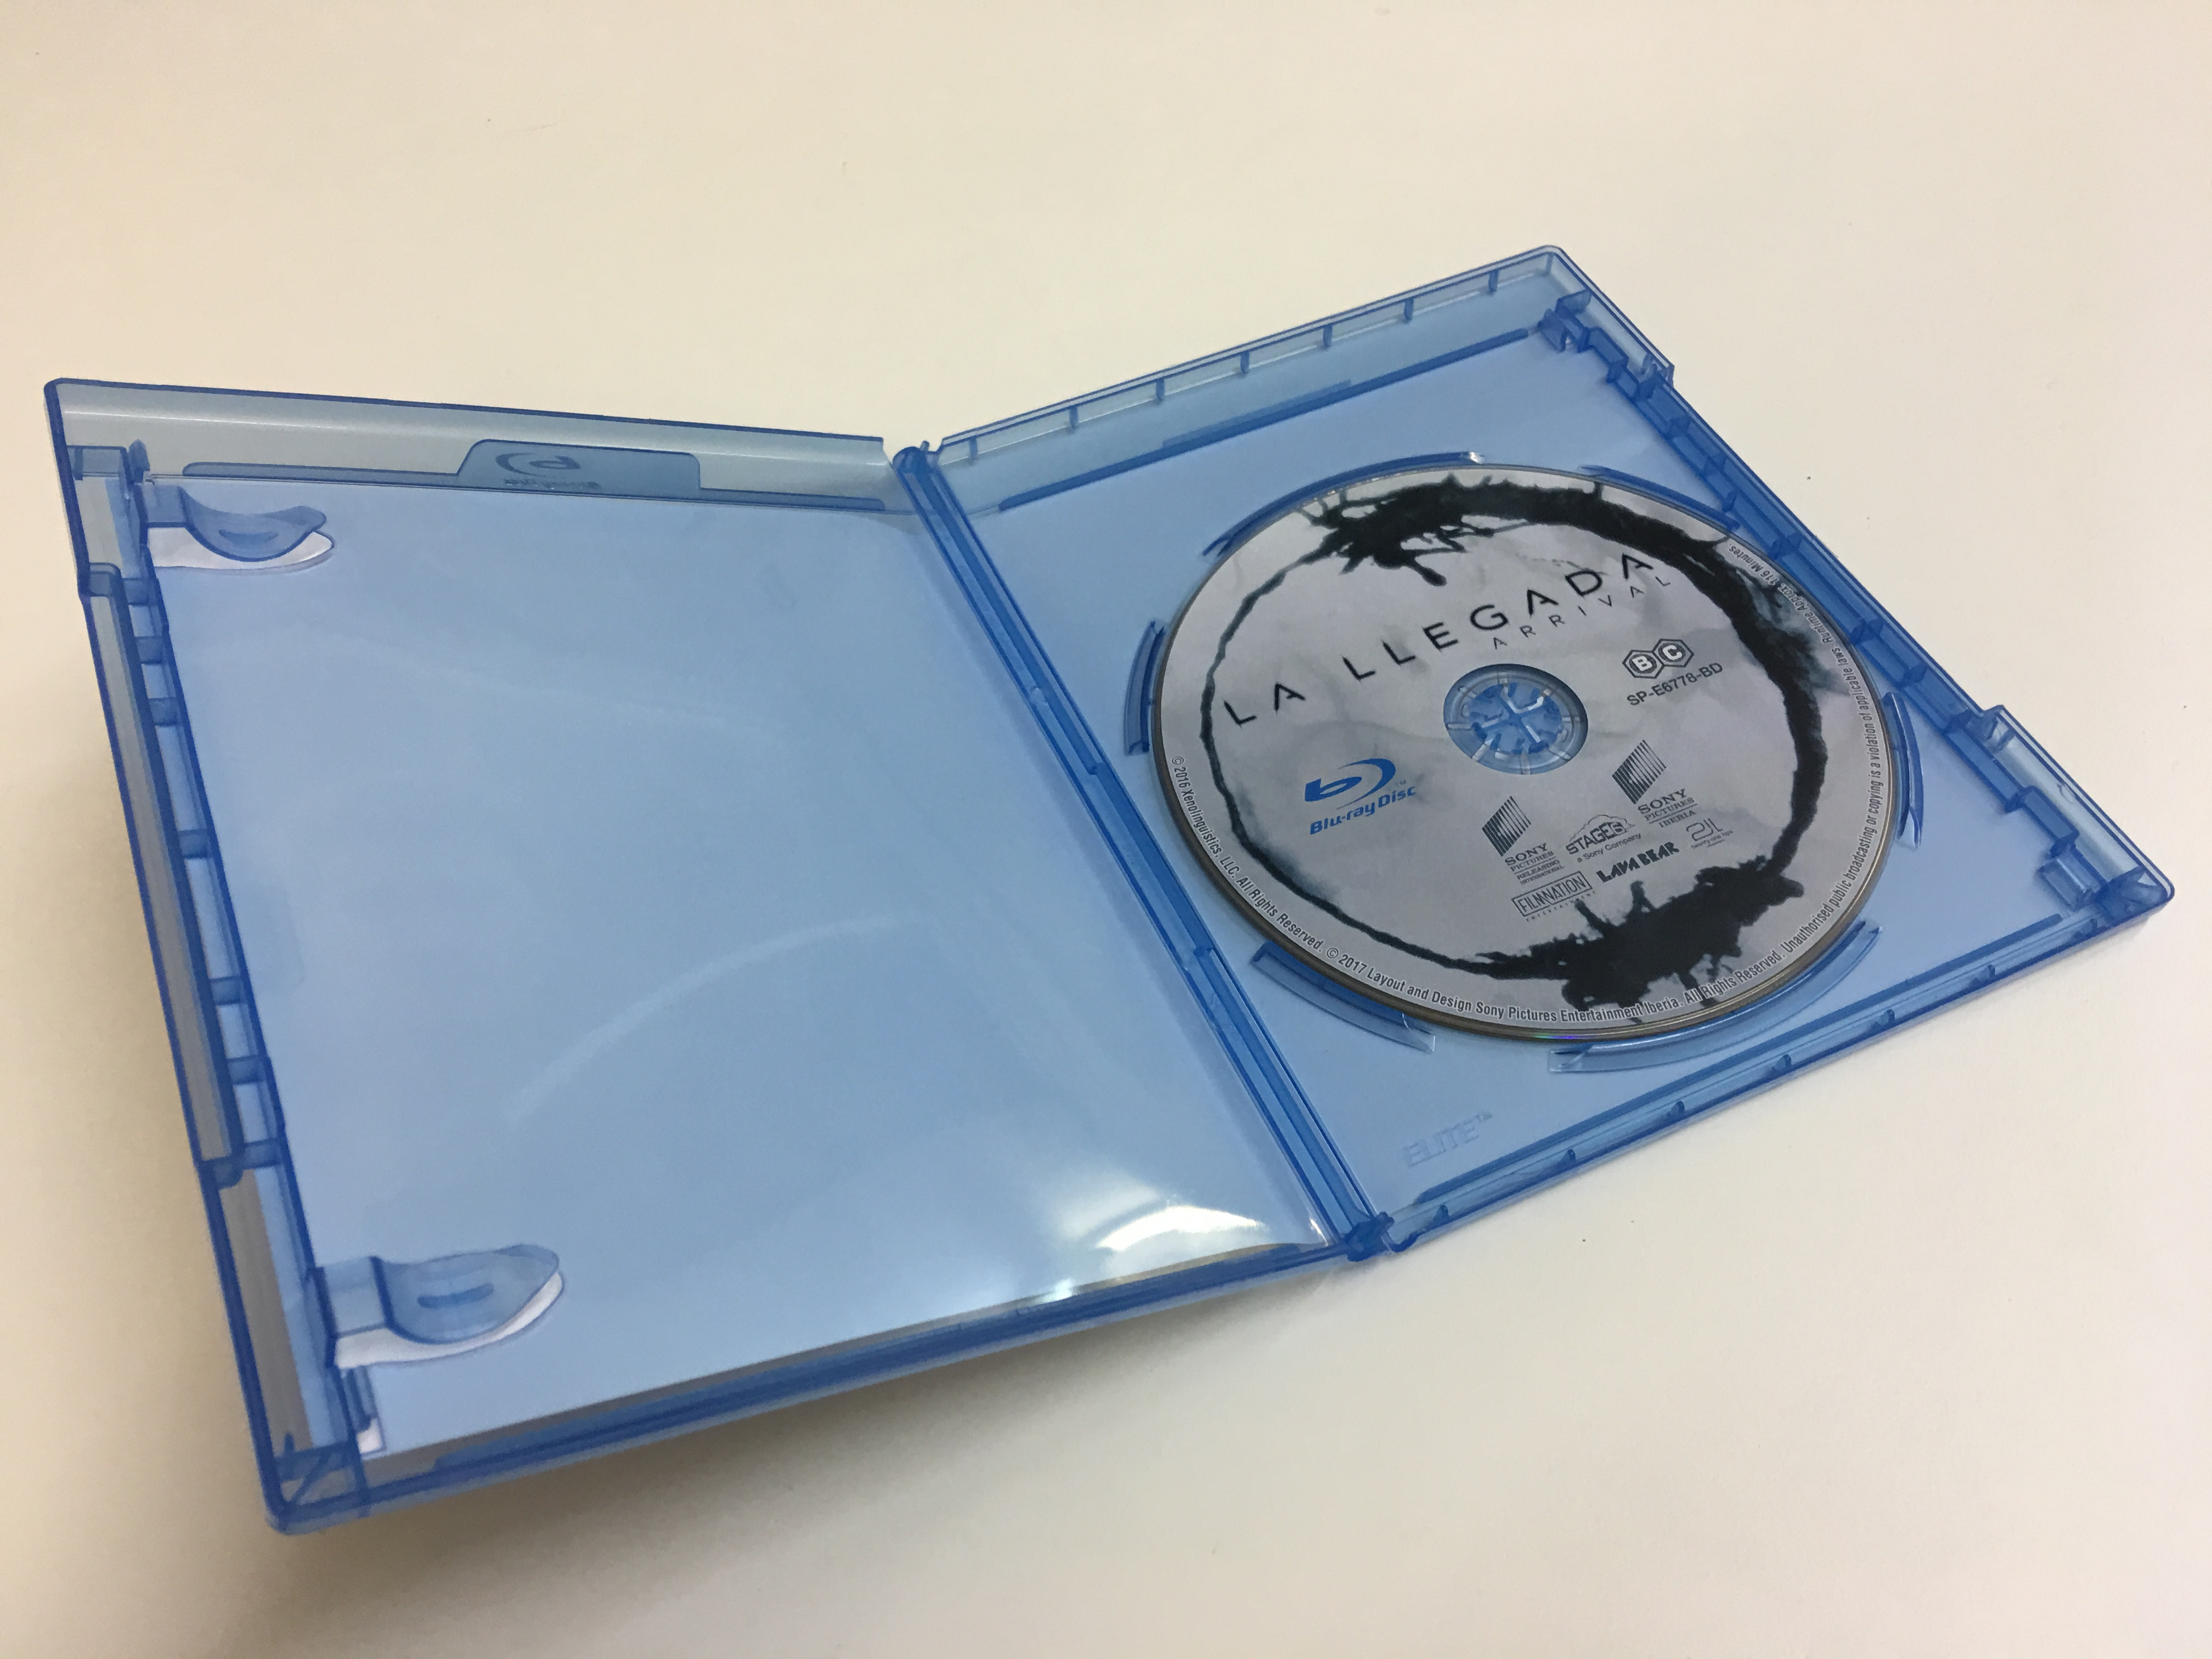 'La llegada': Ya a la venta en 4K UHD, DVD y Blu-Ray, además de steelbook exclusivo de Fnac